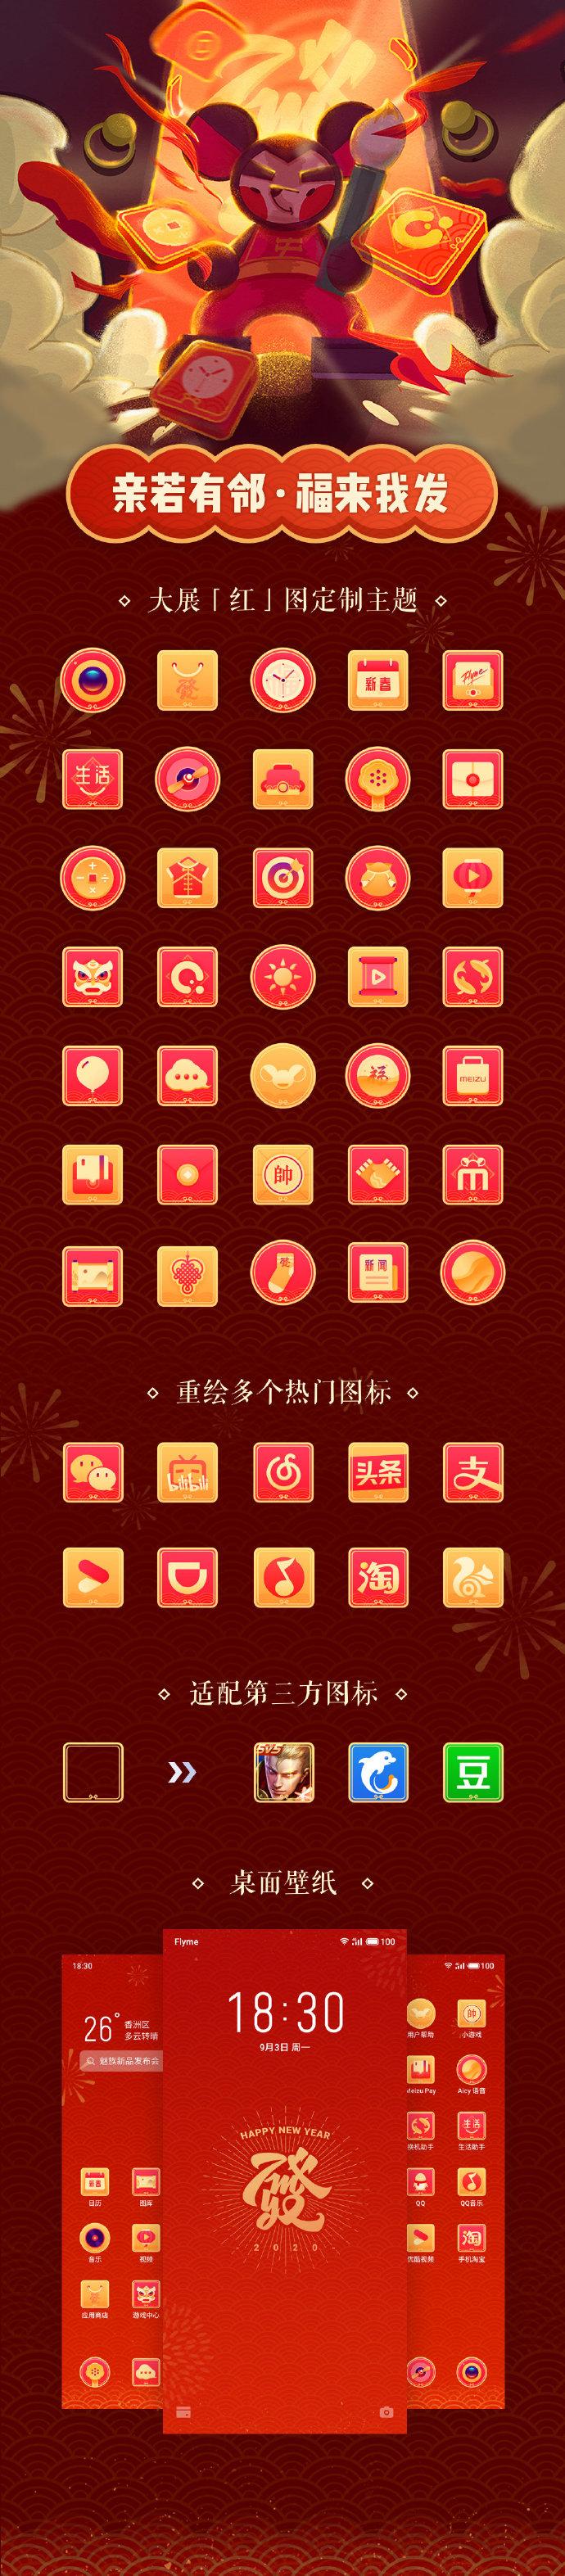 魅族发布Flyme新春定制主题:愿大家新的一年大展宏图